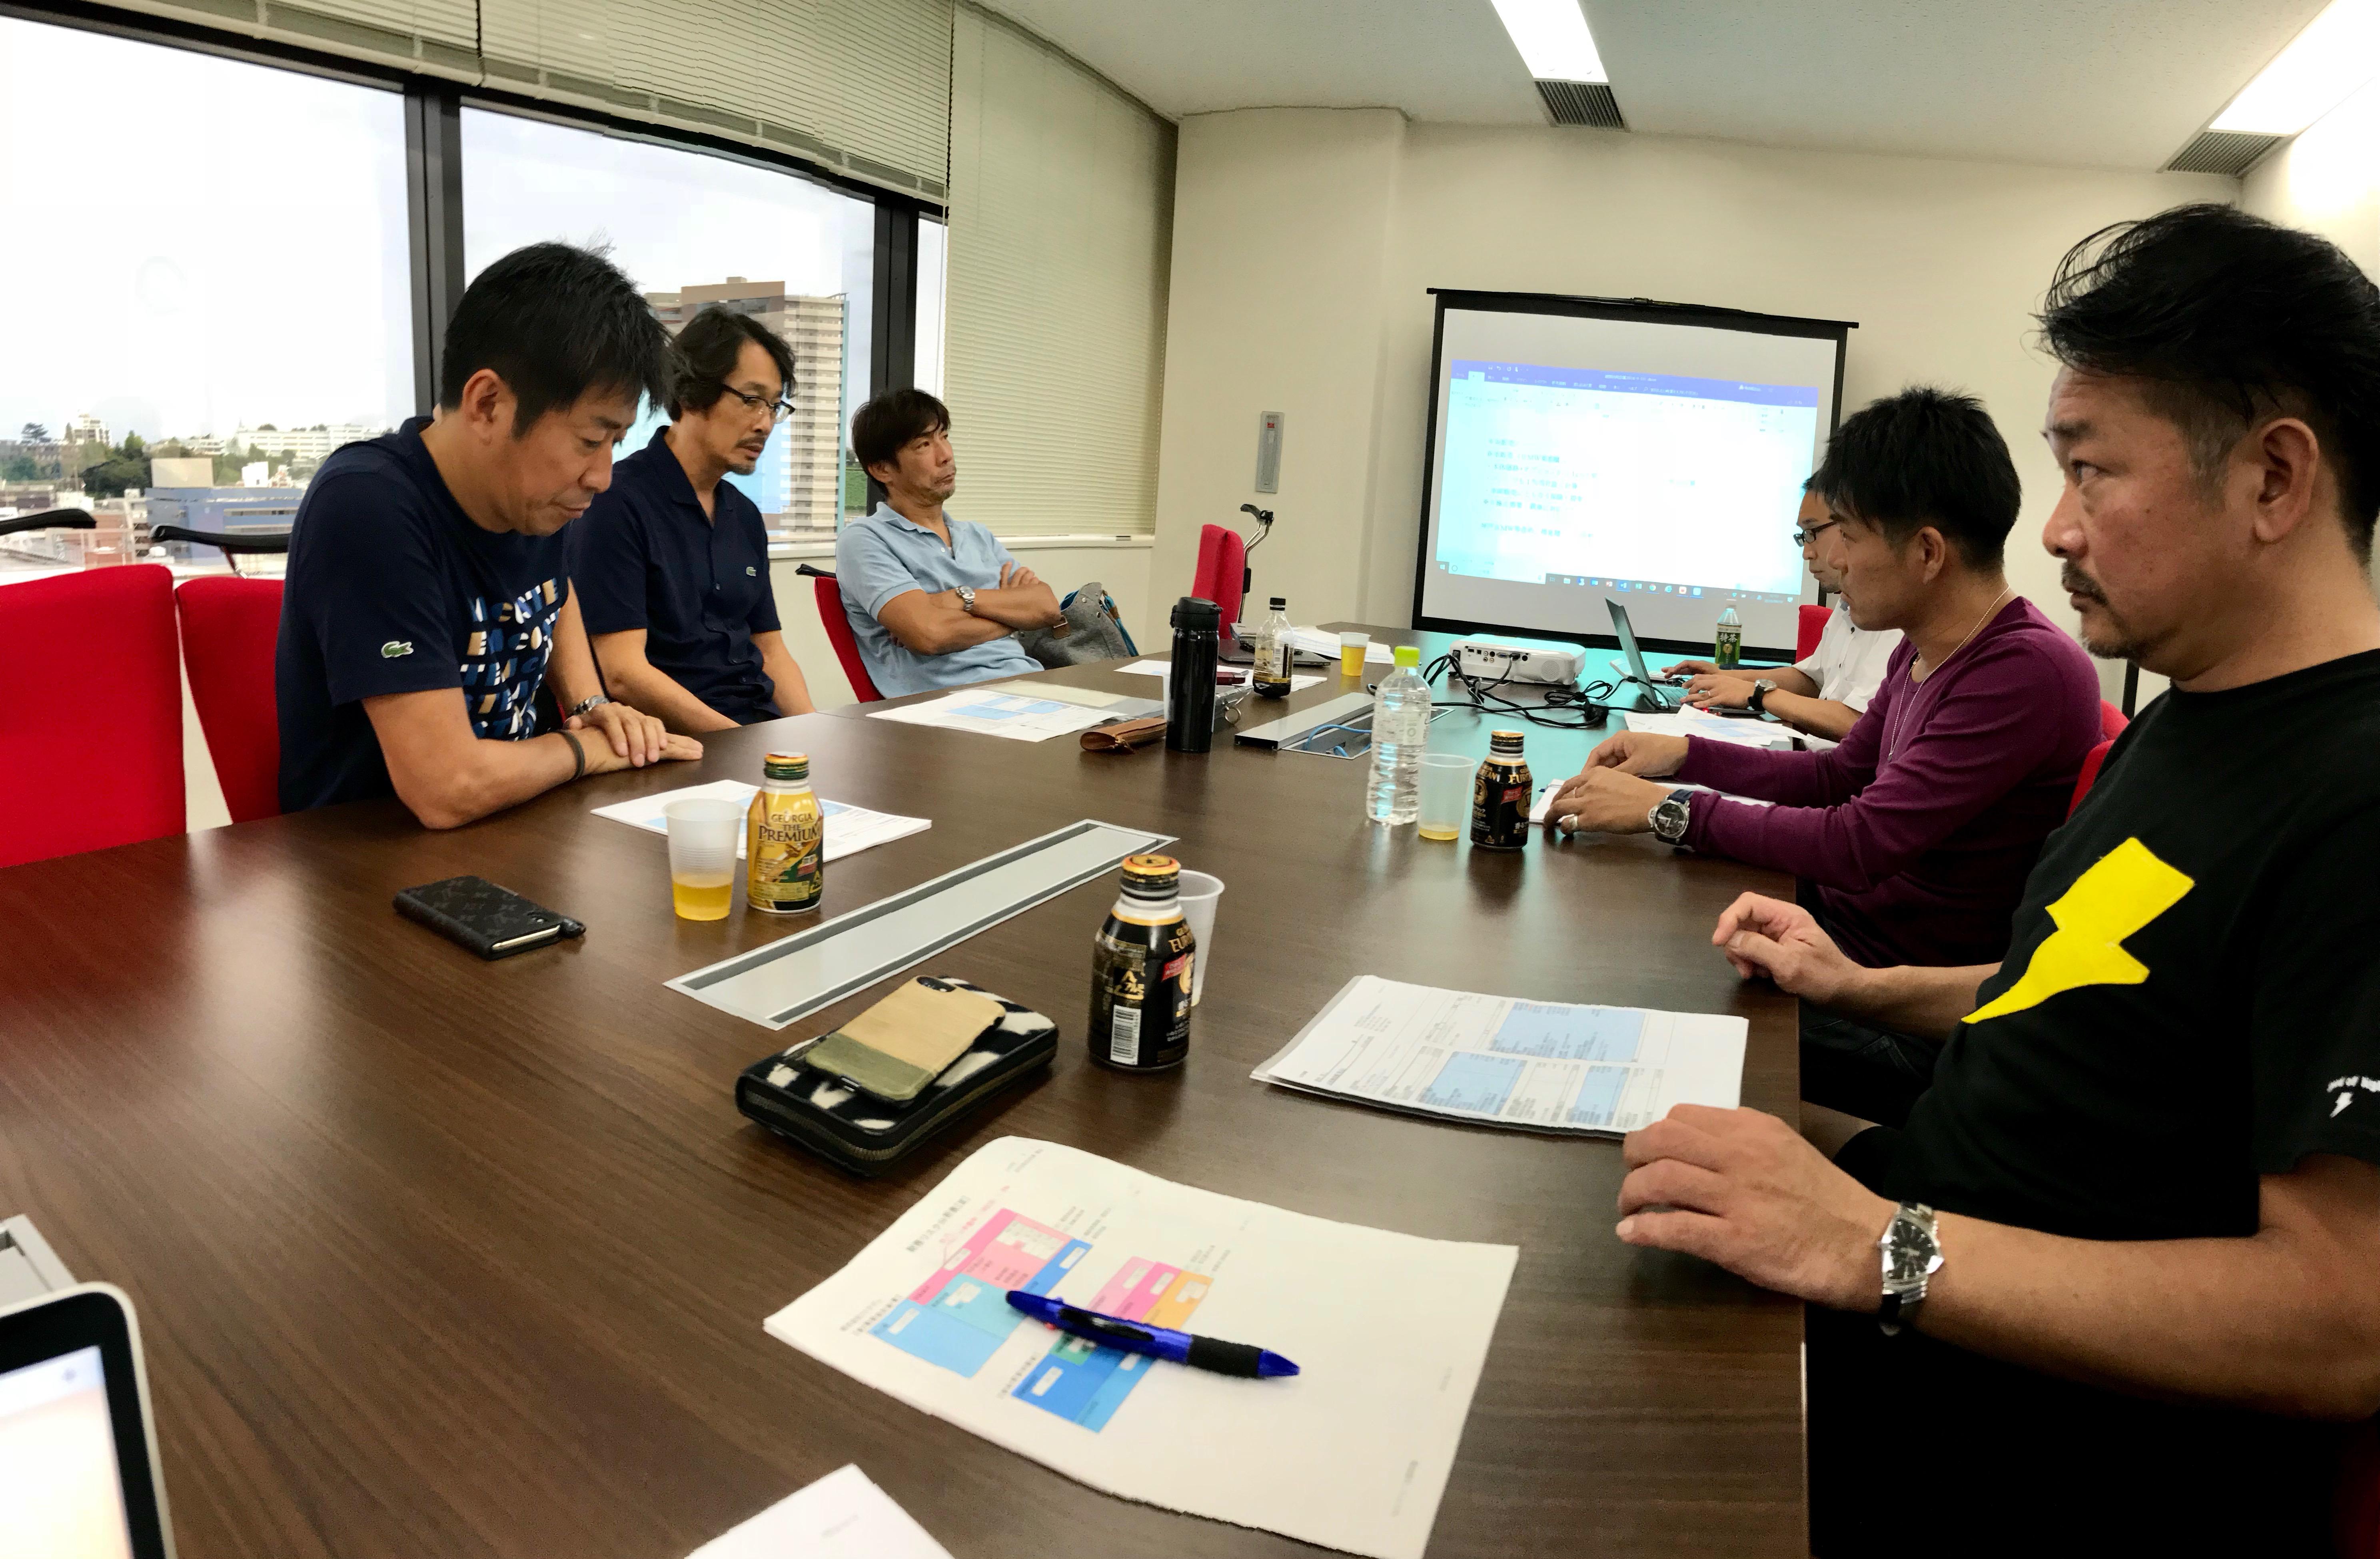 http://blog.sendai.studie.jp/IMG_2272.JPG